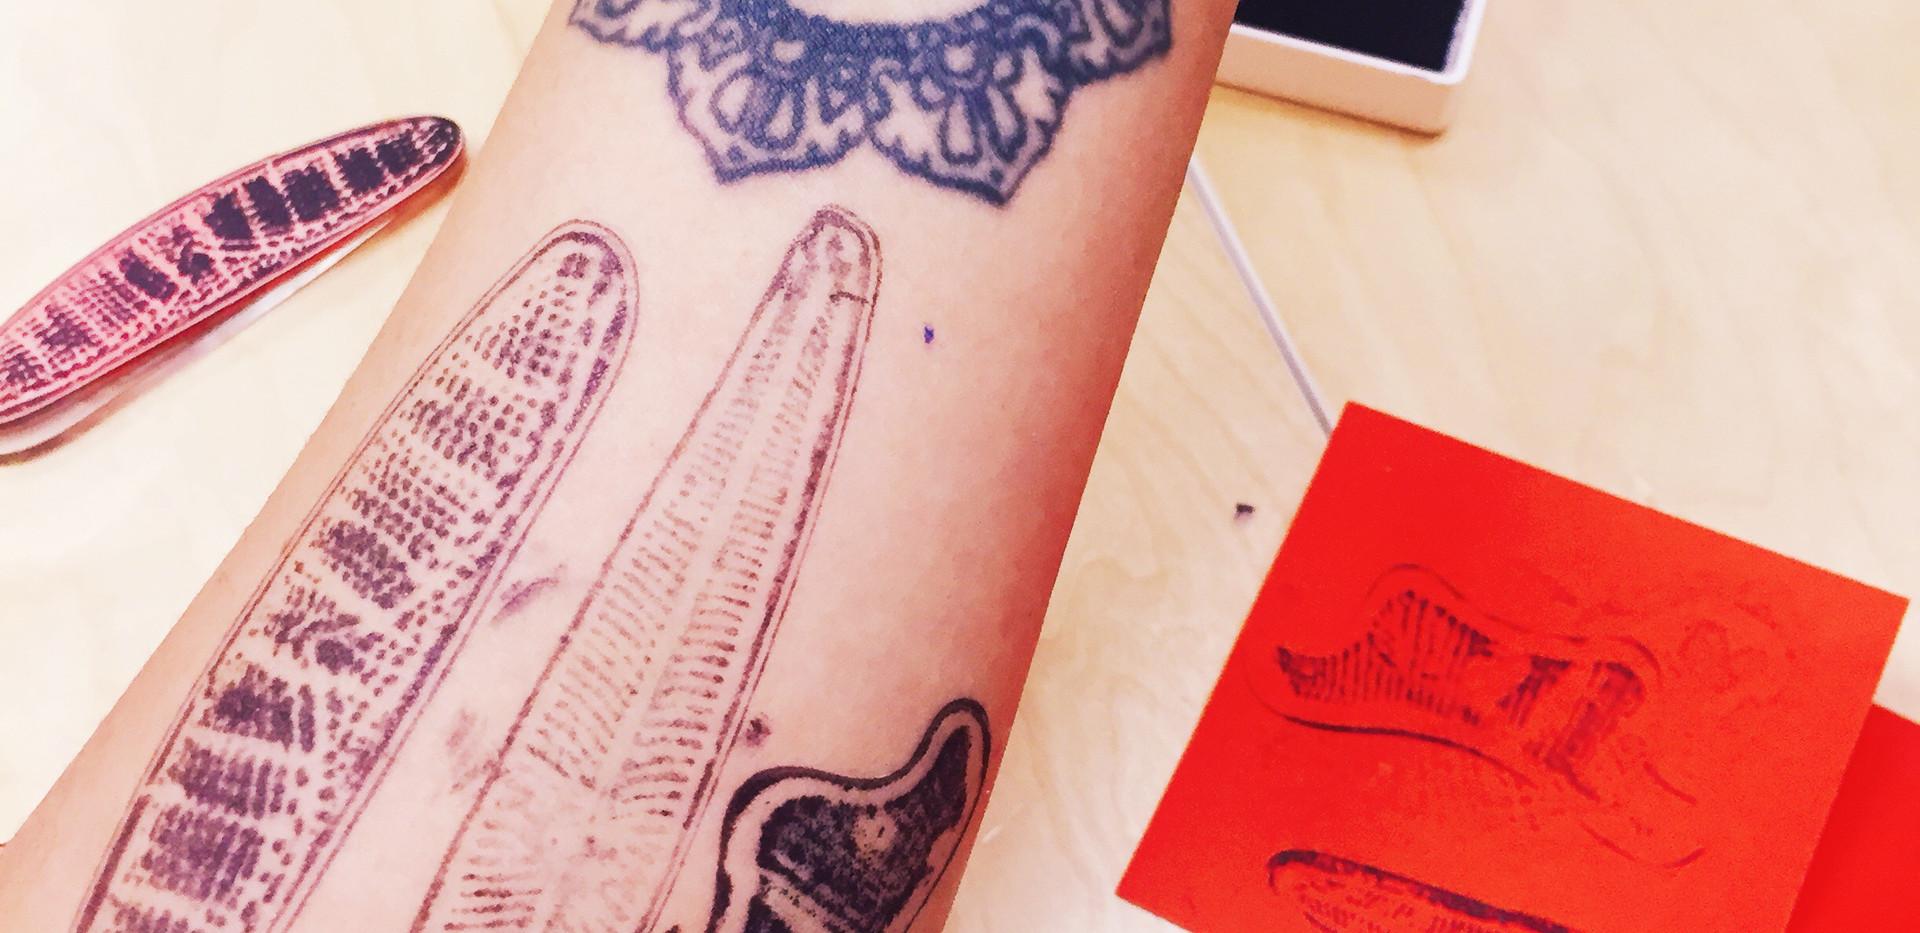 Diatom Tattoos